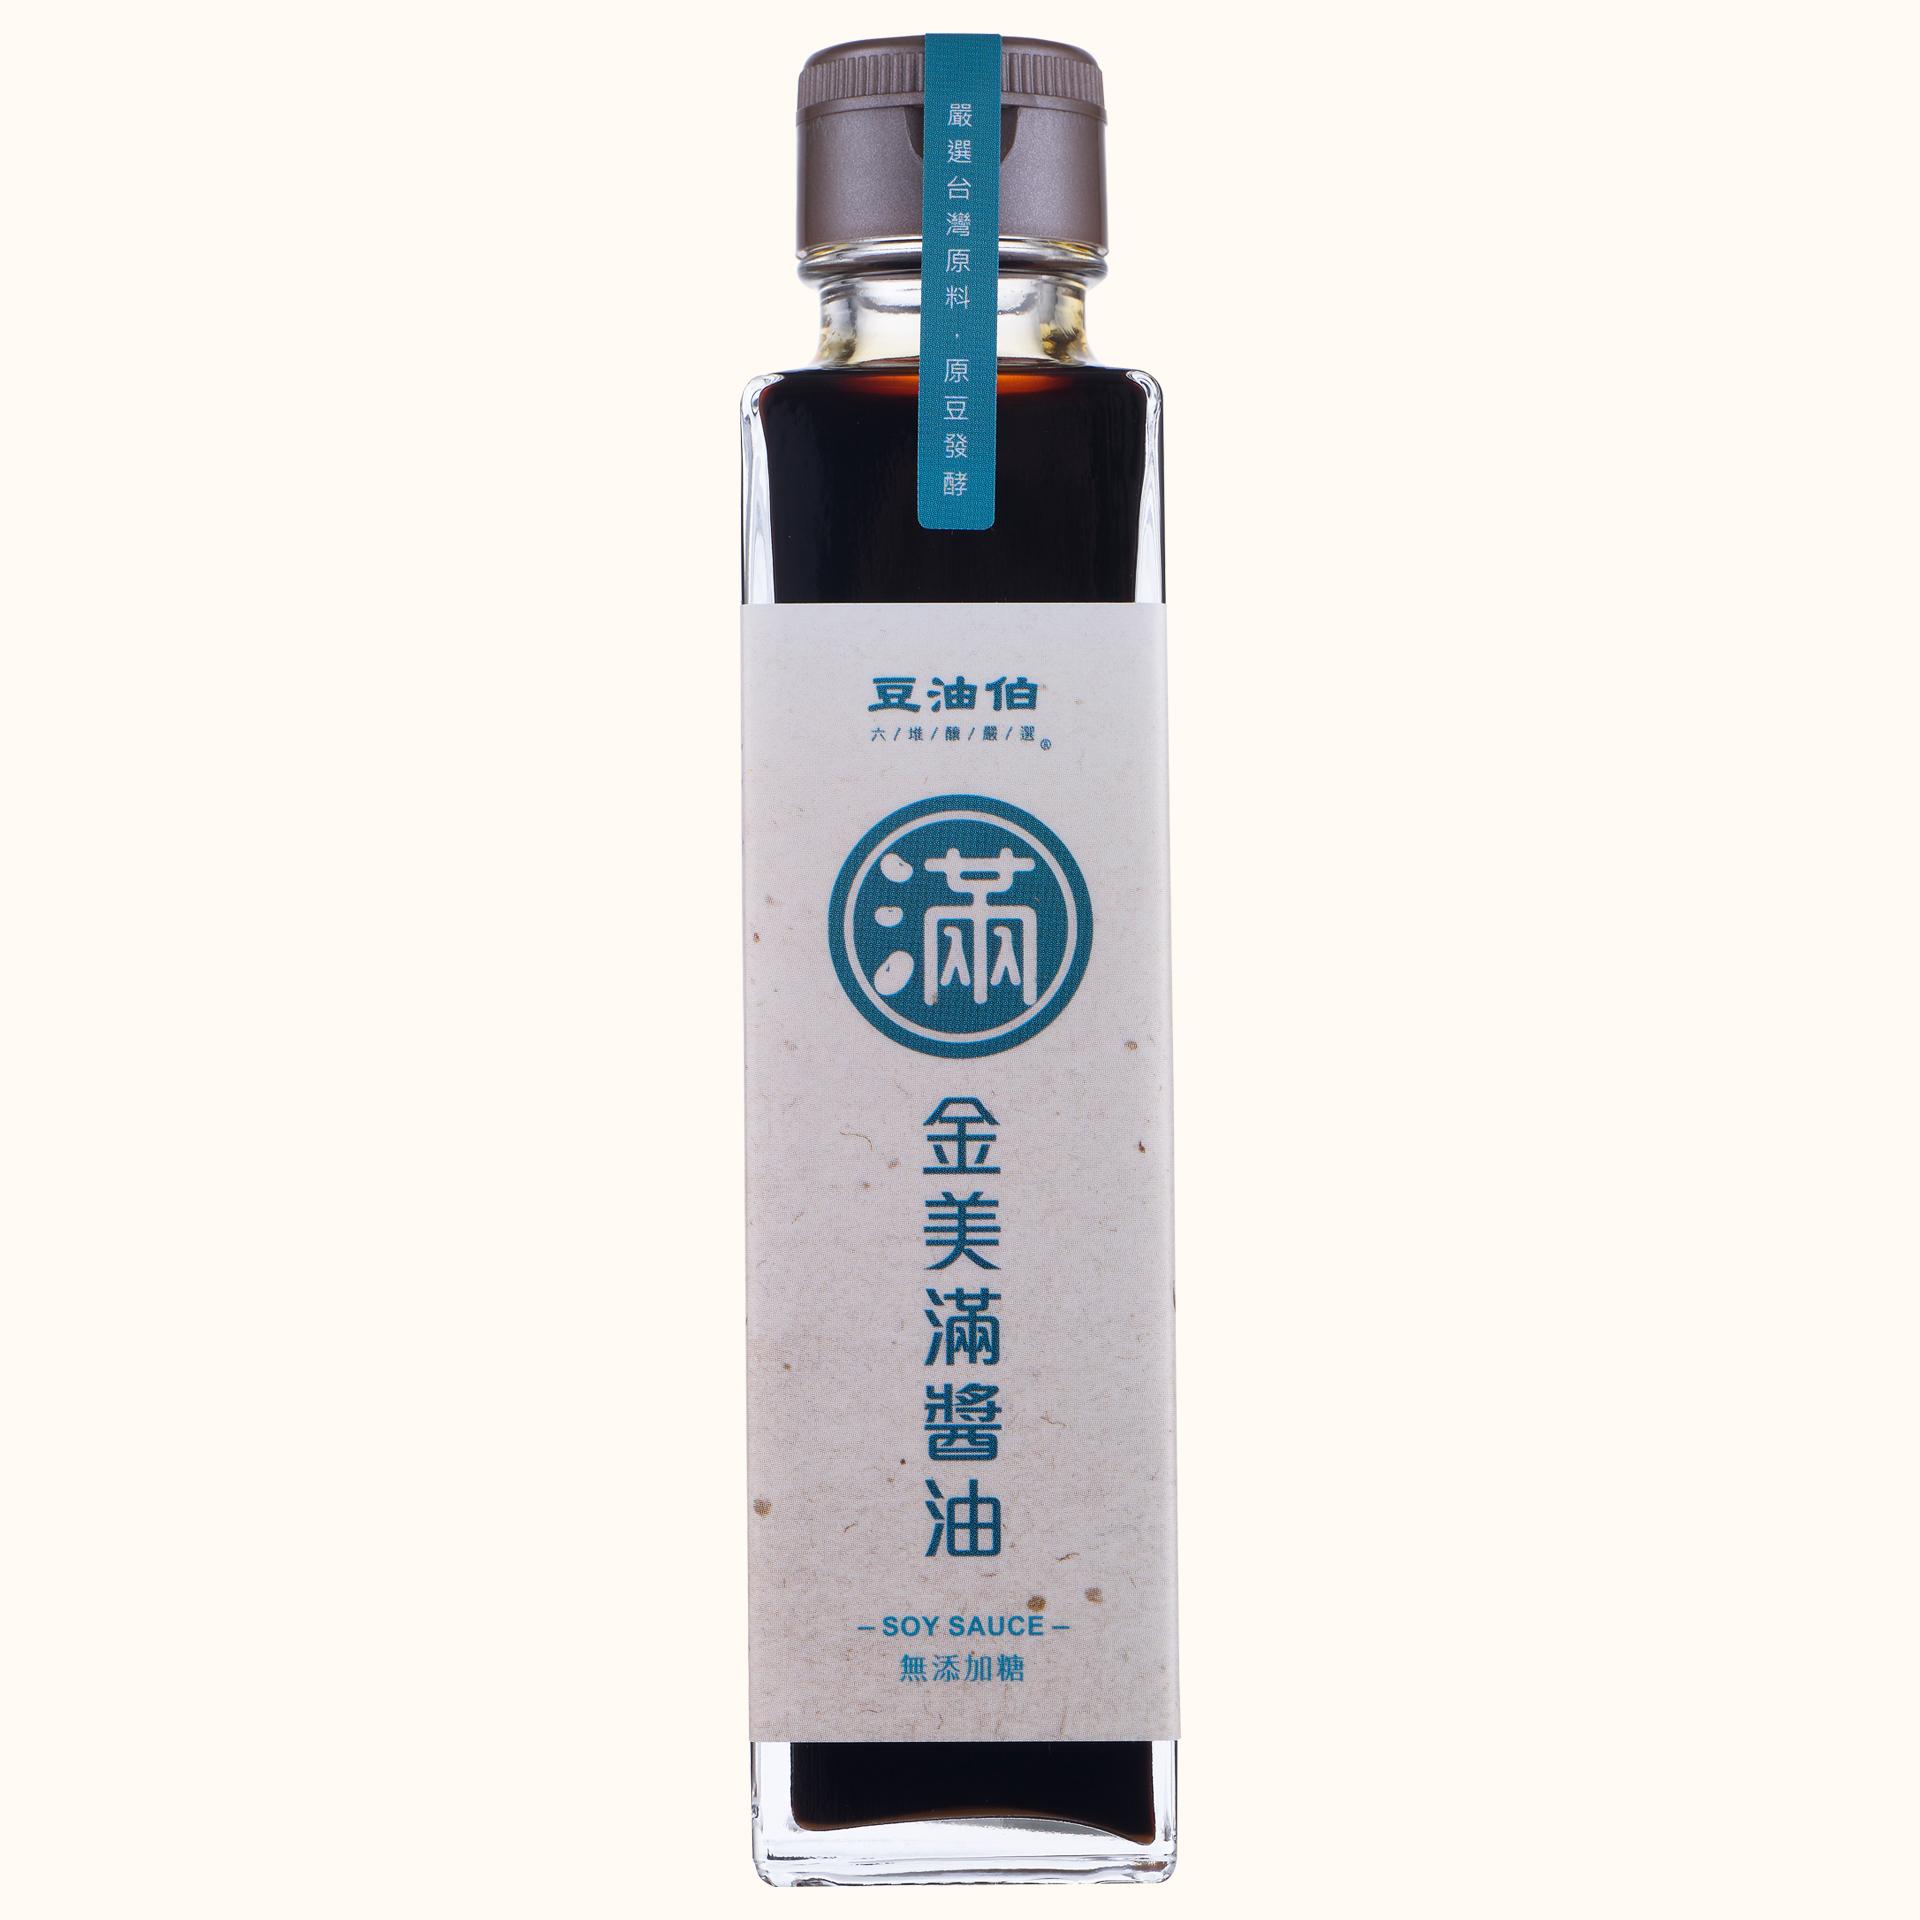 【加購】金美滿無添加糖黃豆醬油日式瓶150ml(到期20210314)